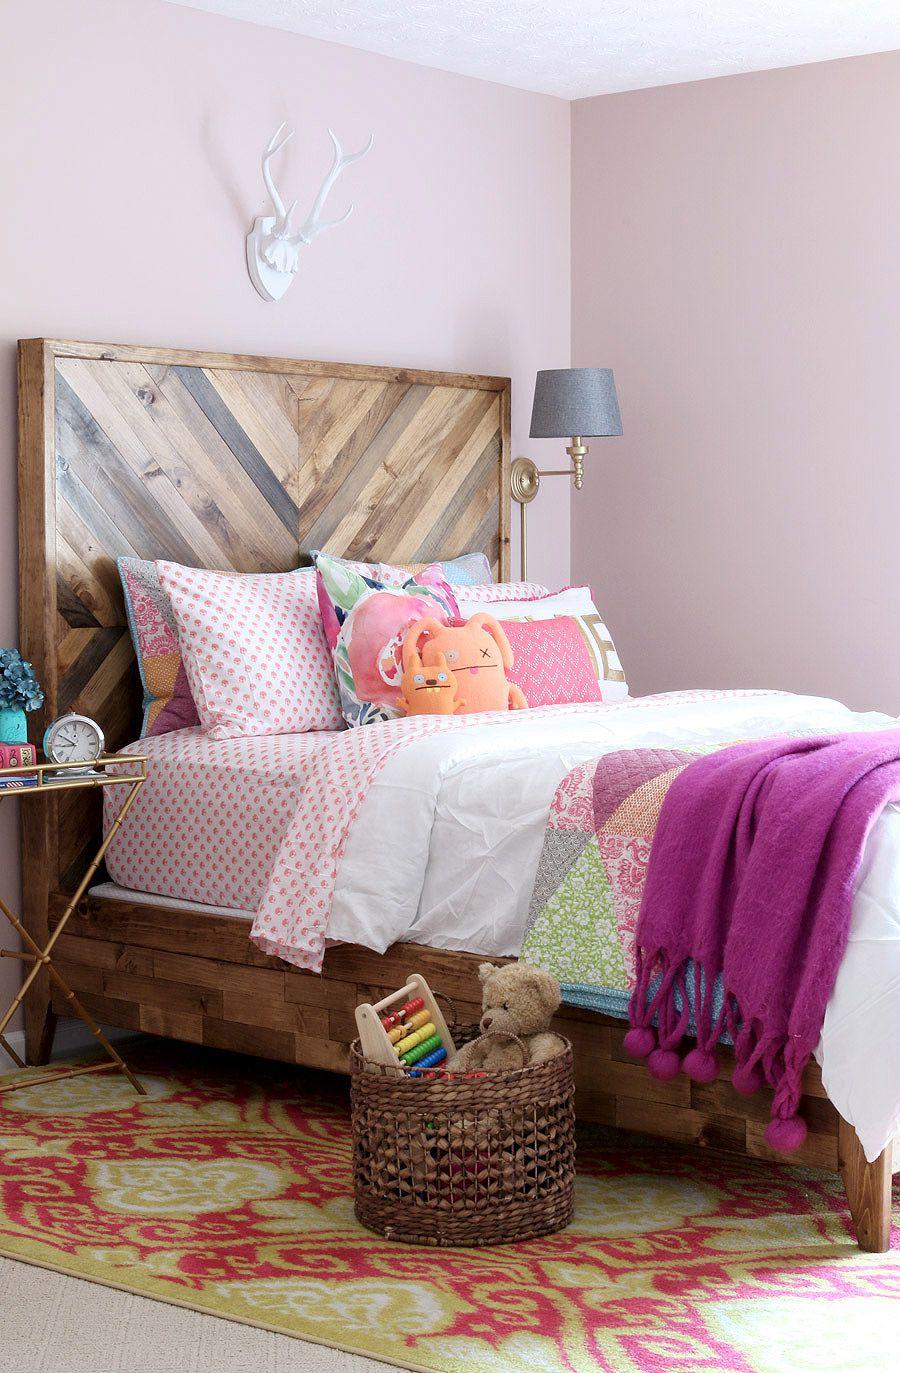 50 DIYs for a Kid's Room